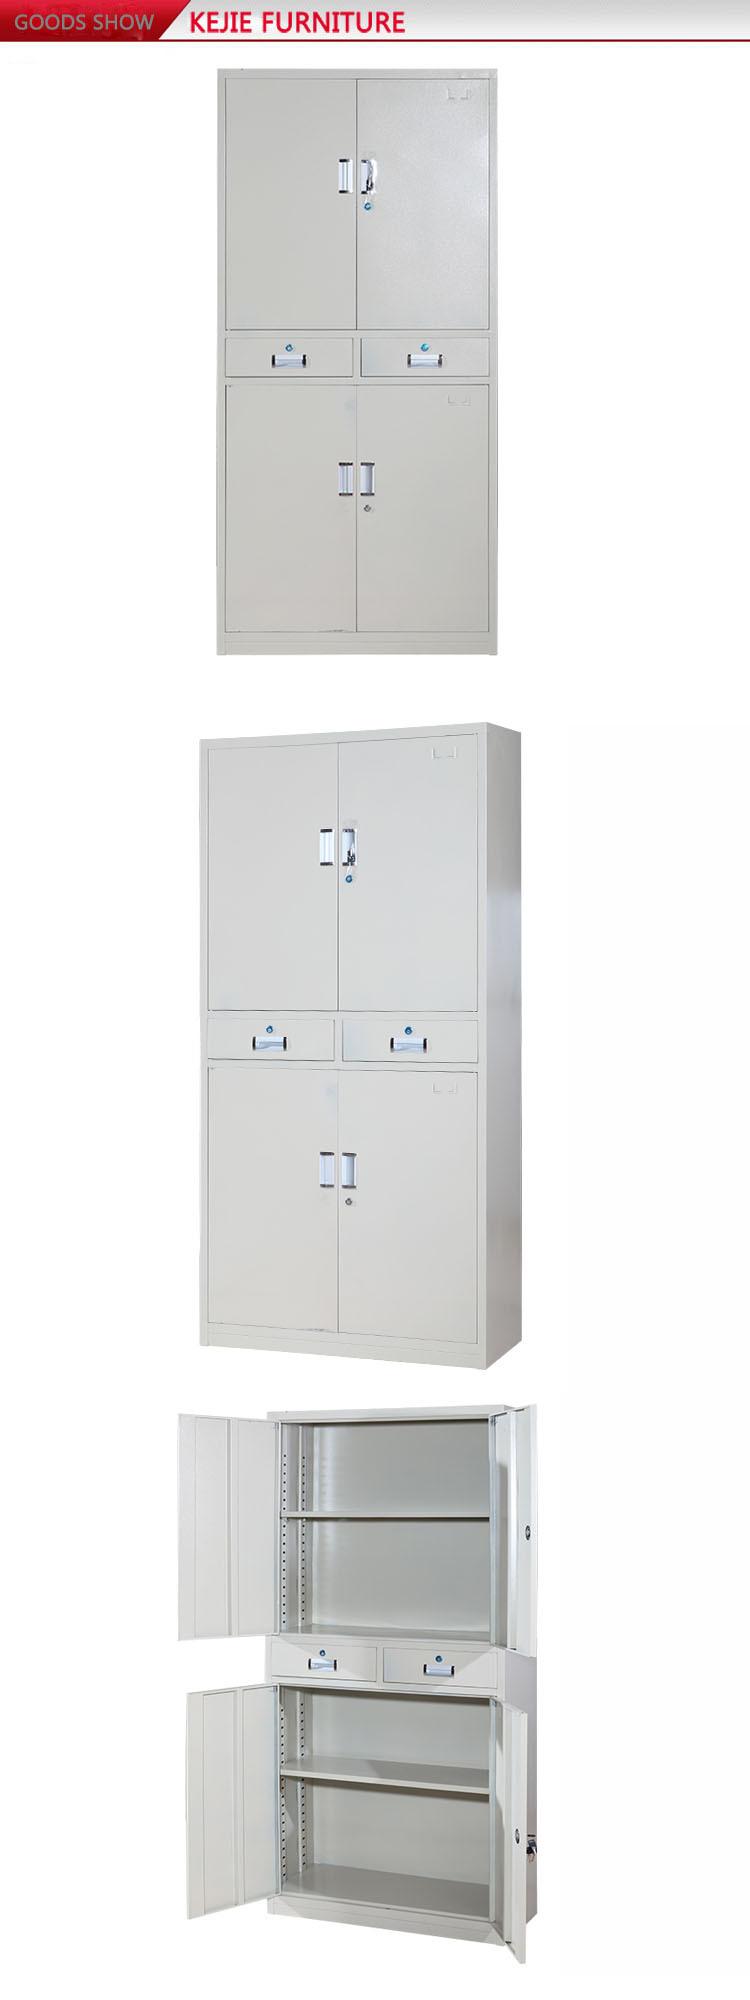 Moderne mobilier de bureau armoire de rangement for Meuble porte verrouillable